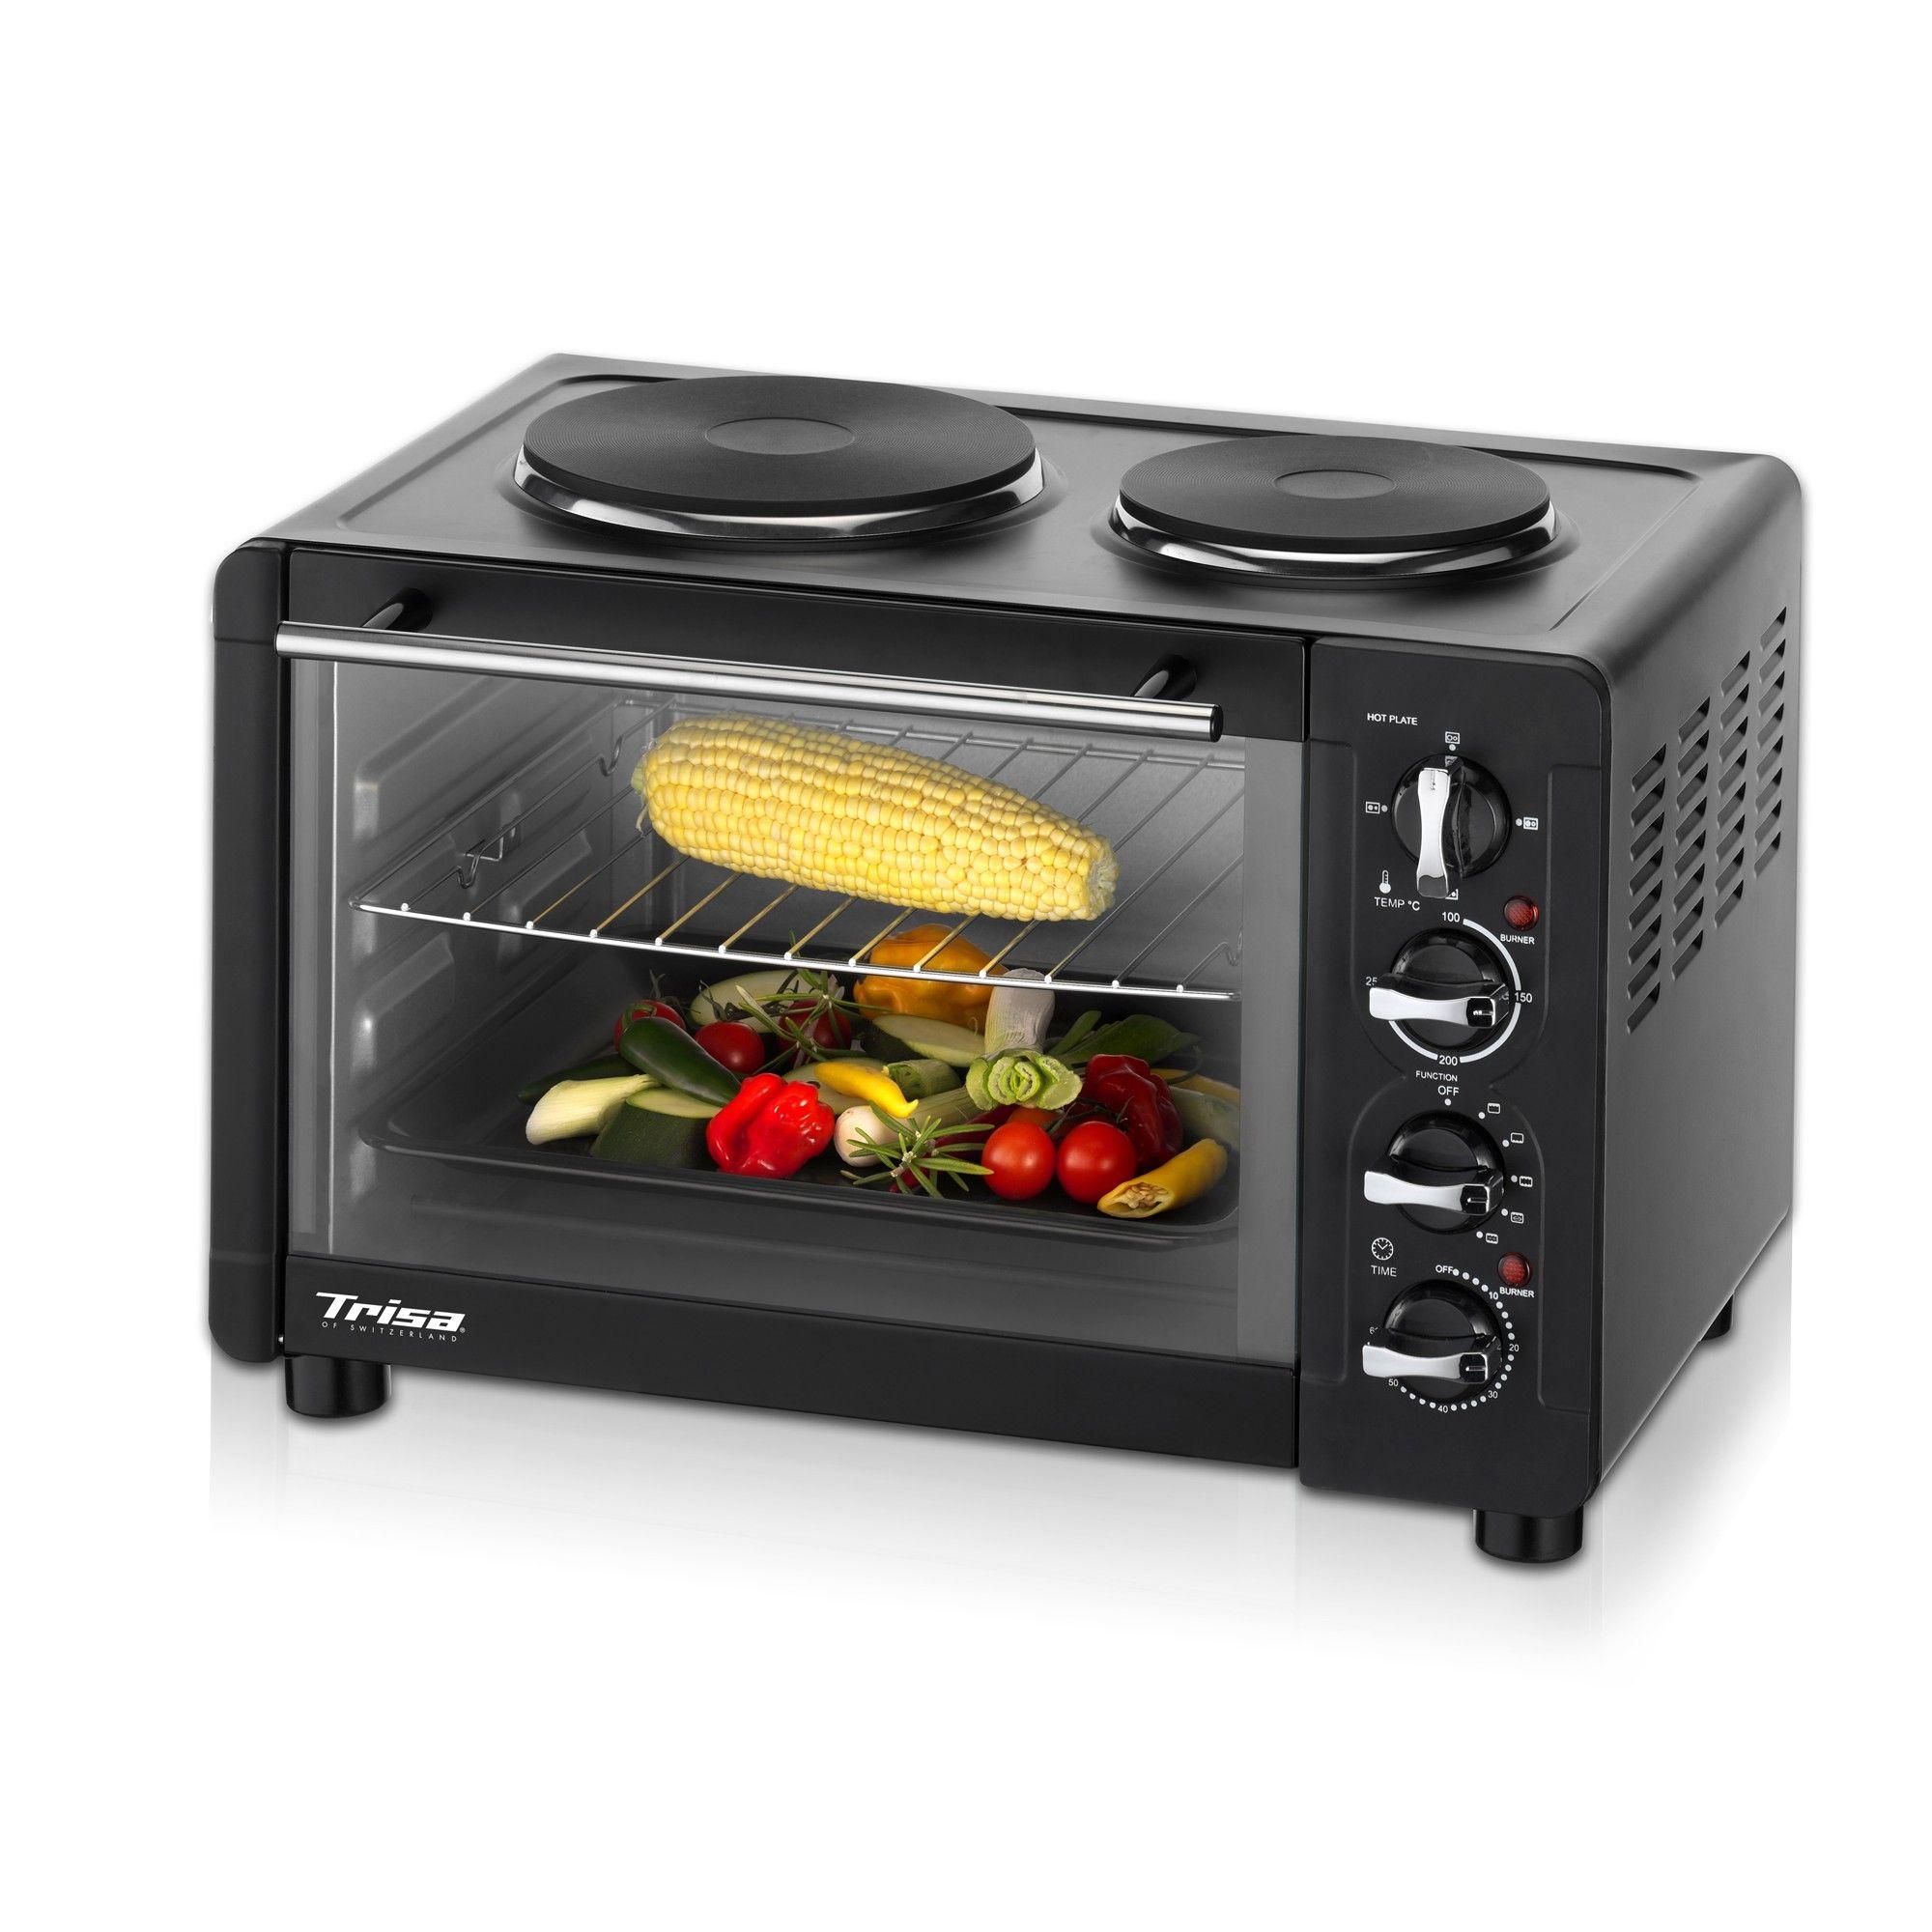 Cuptor electric cu plite Trisa Multi Bake & Cook, 1500W, 30L, Grill, 5 trepte de temperatura